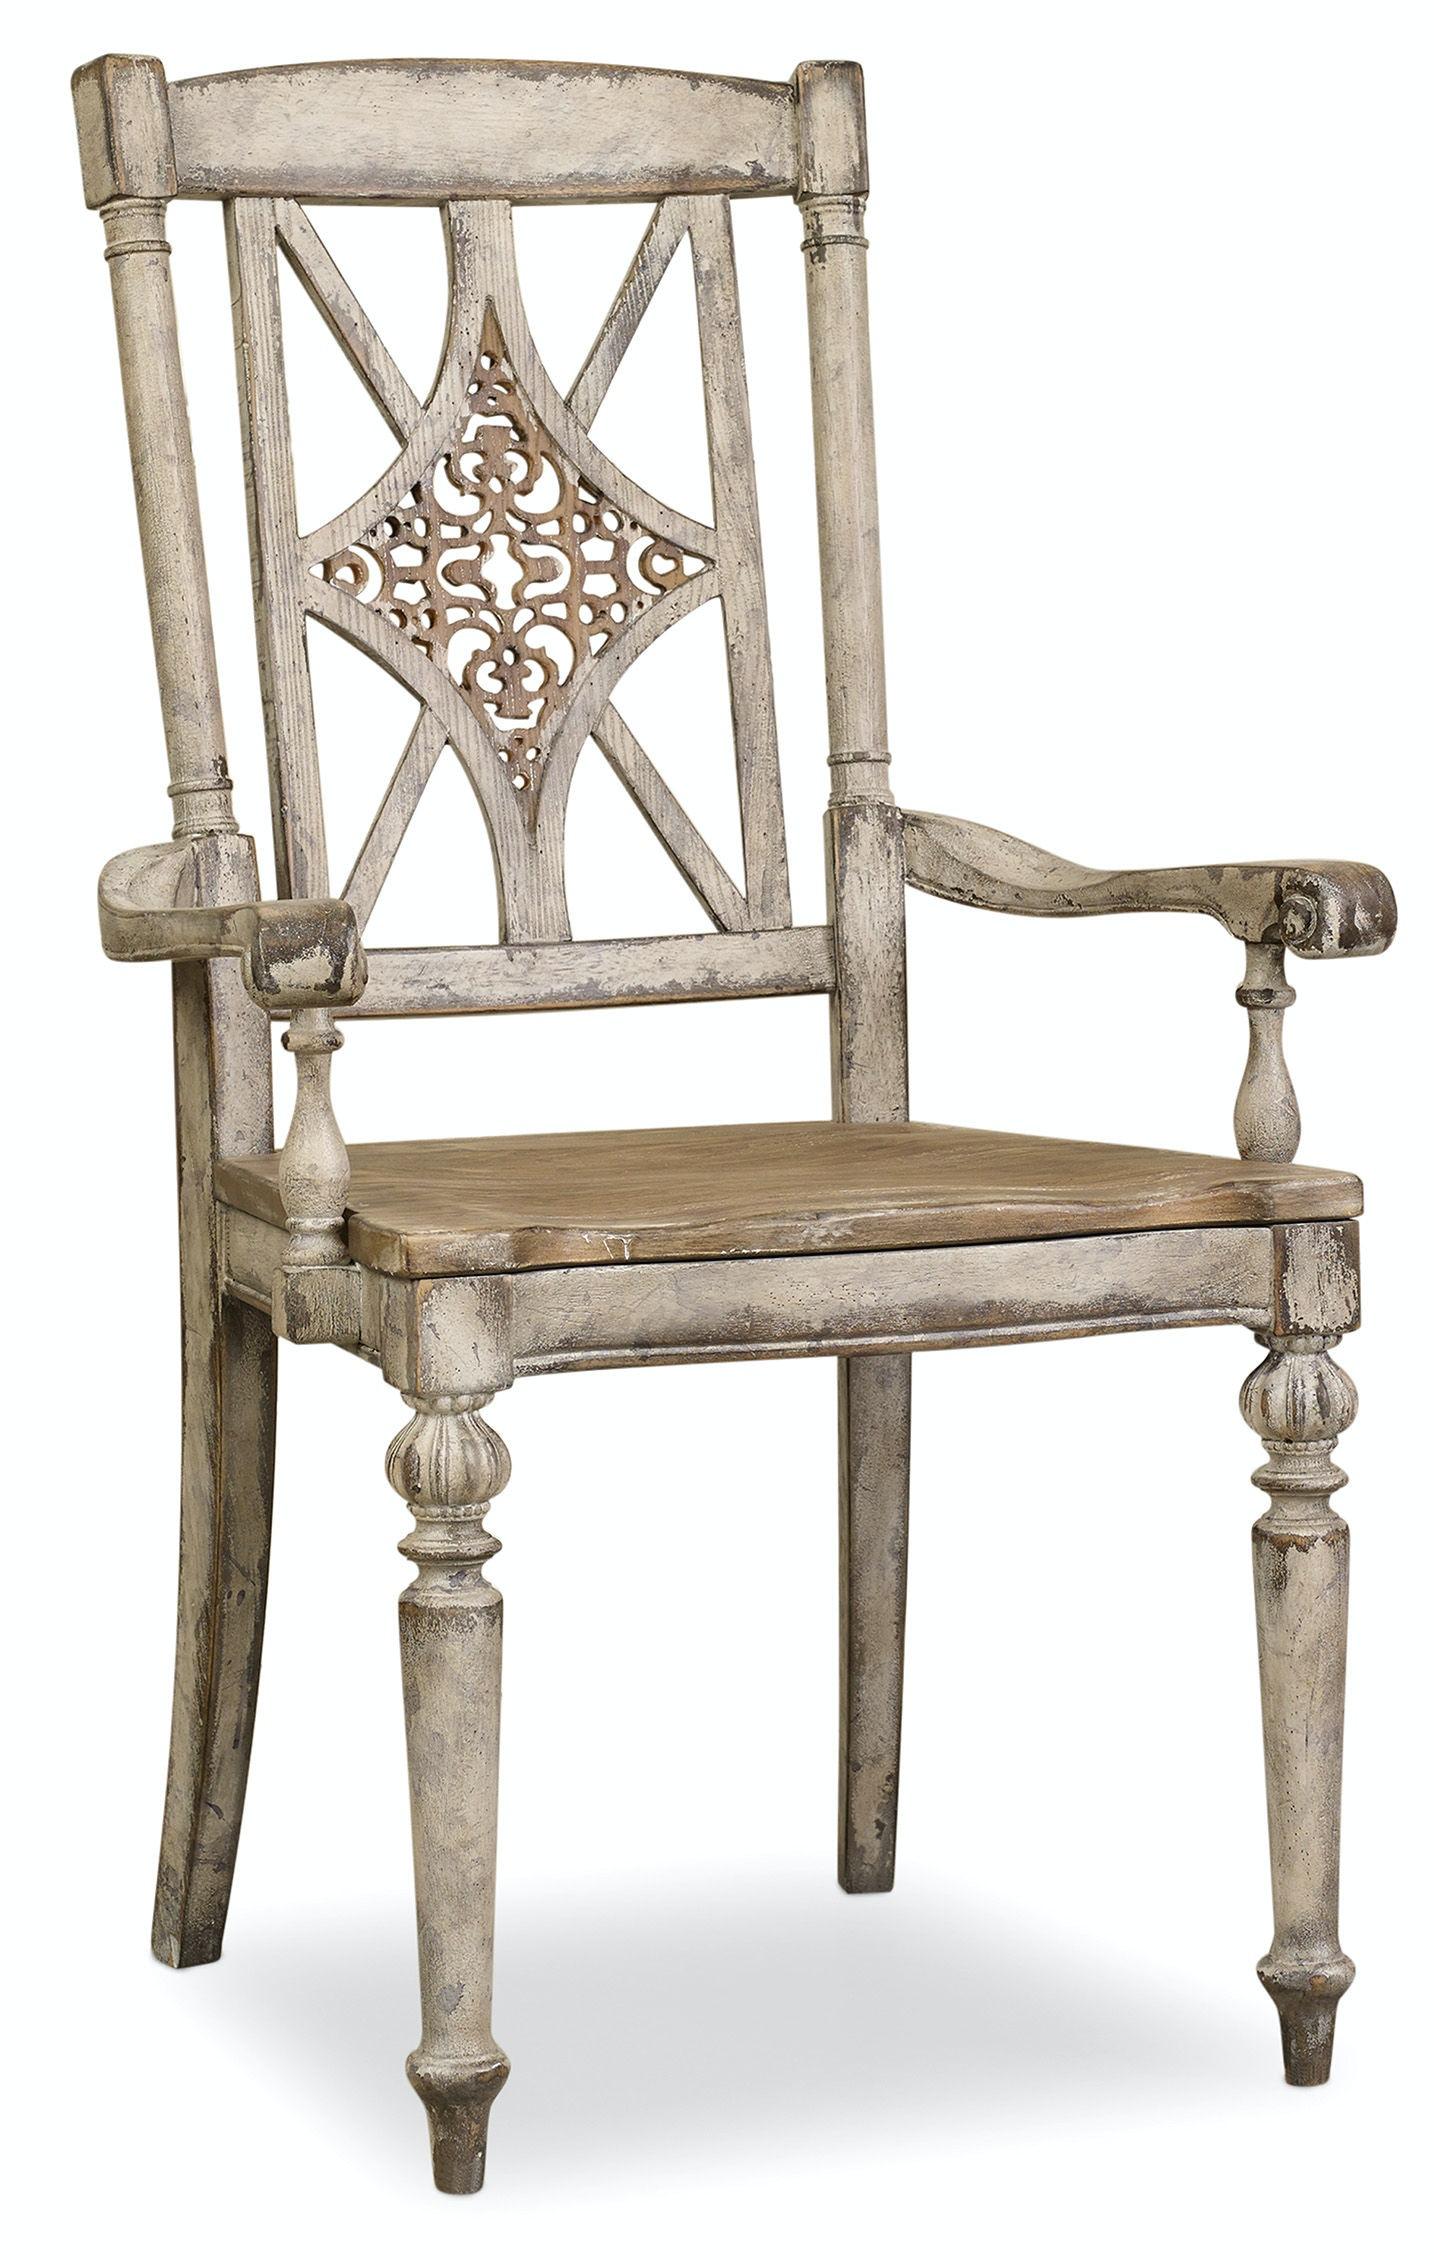 hooker furniture dining room chatelet fretback arm chair 5351 75300. Black Bedroom Furniture Sets. Home Design Ideas